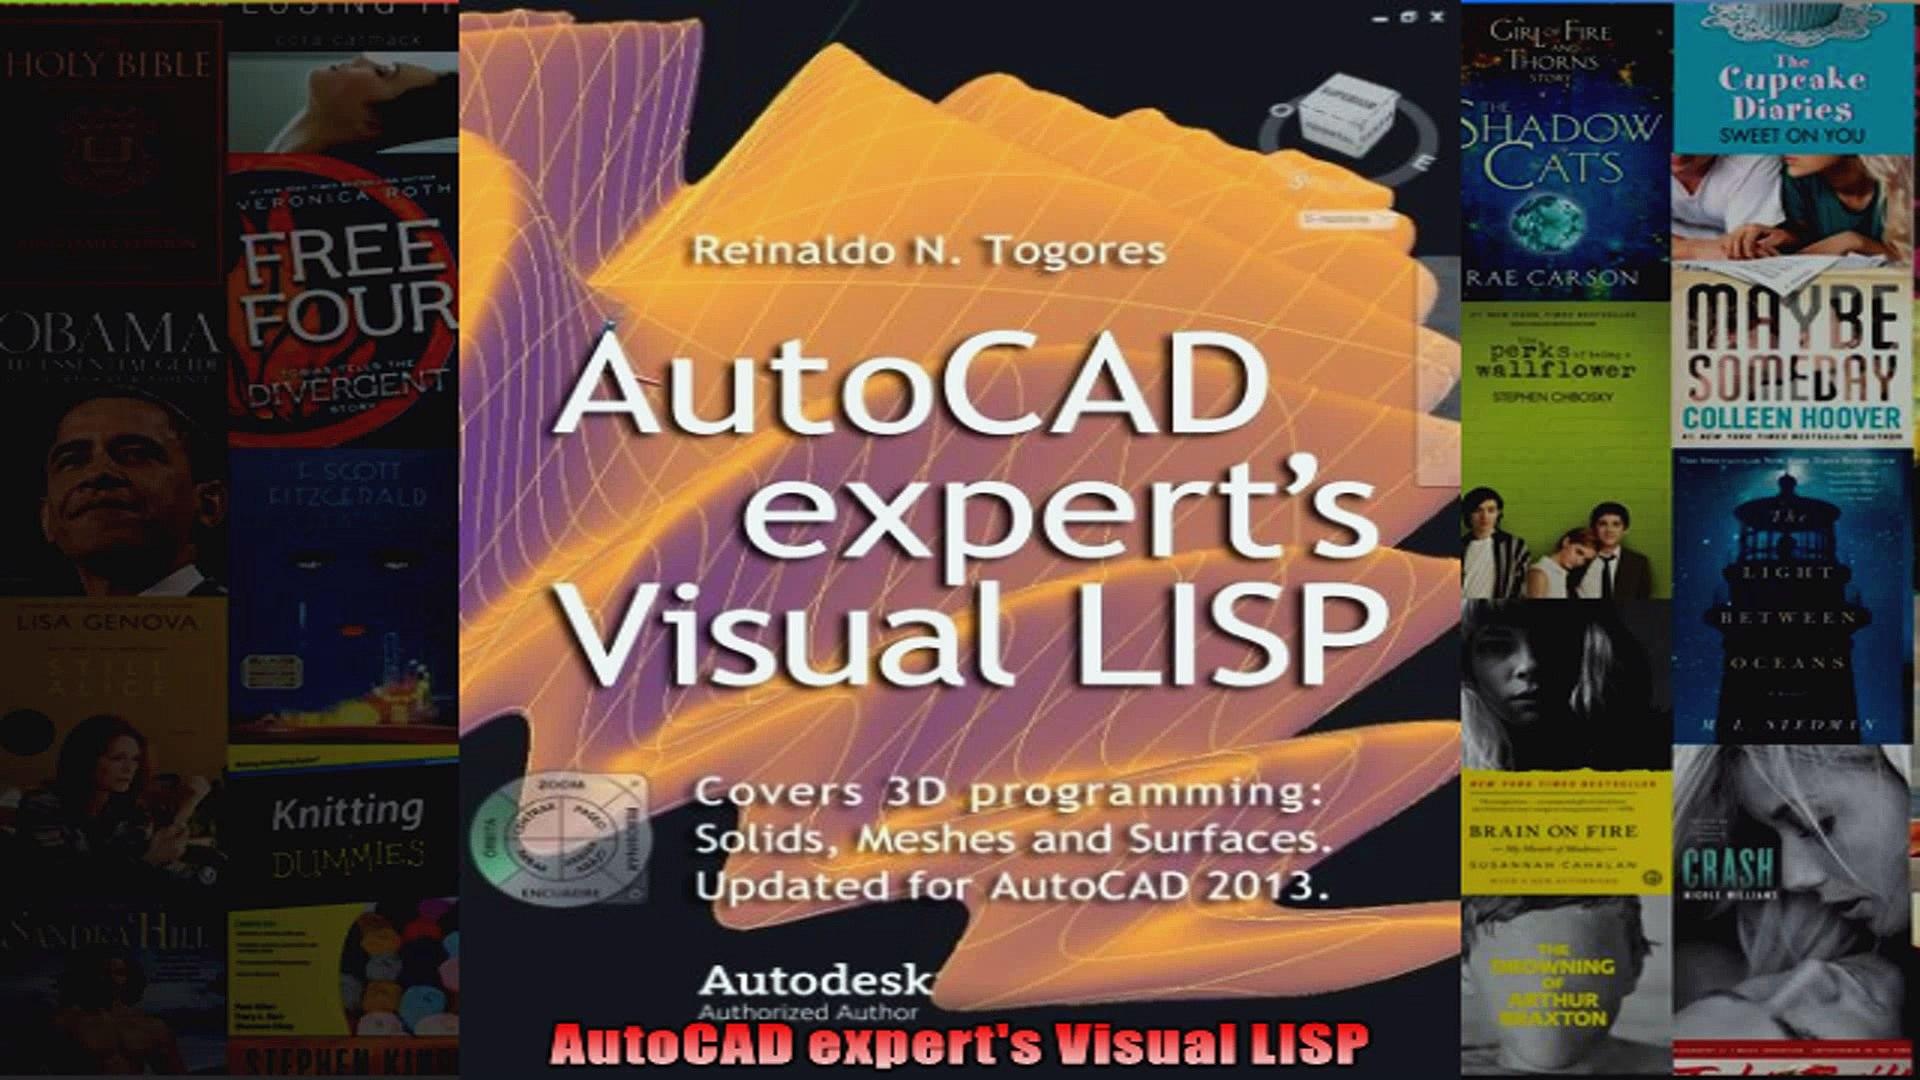 AutoCAD experts Visual LISP